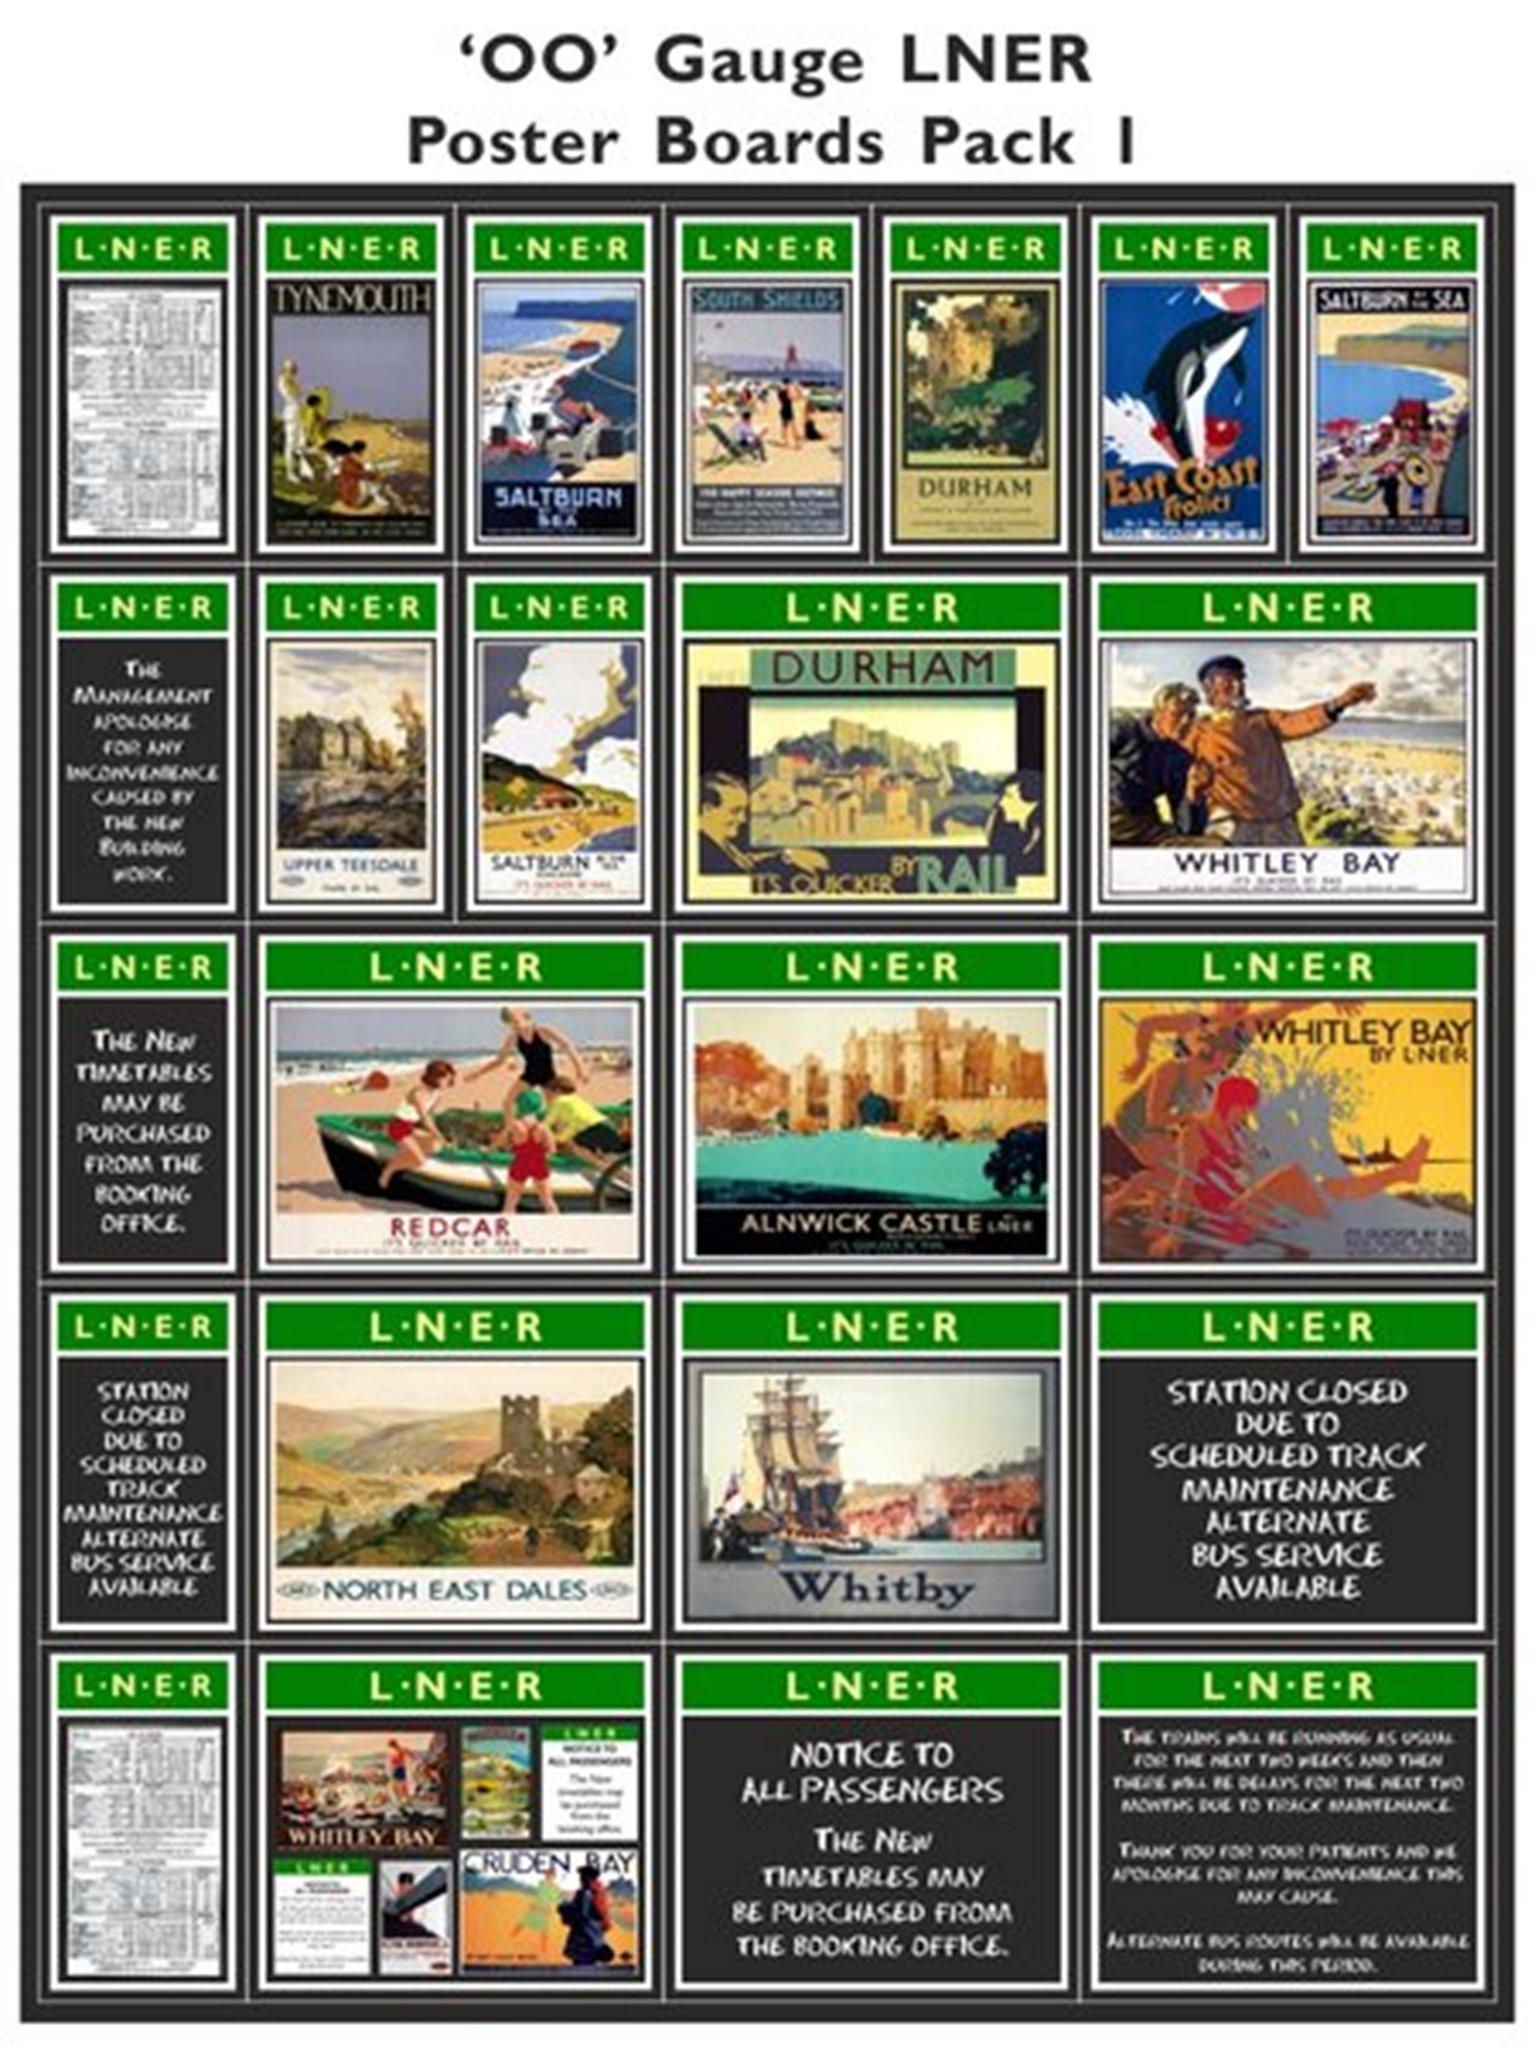 LNER Poster Boards Pack 1